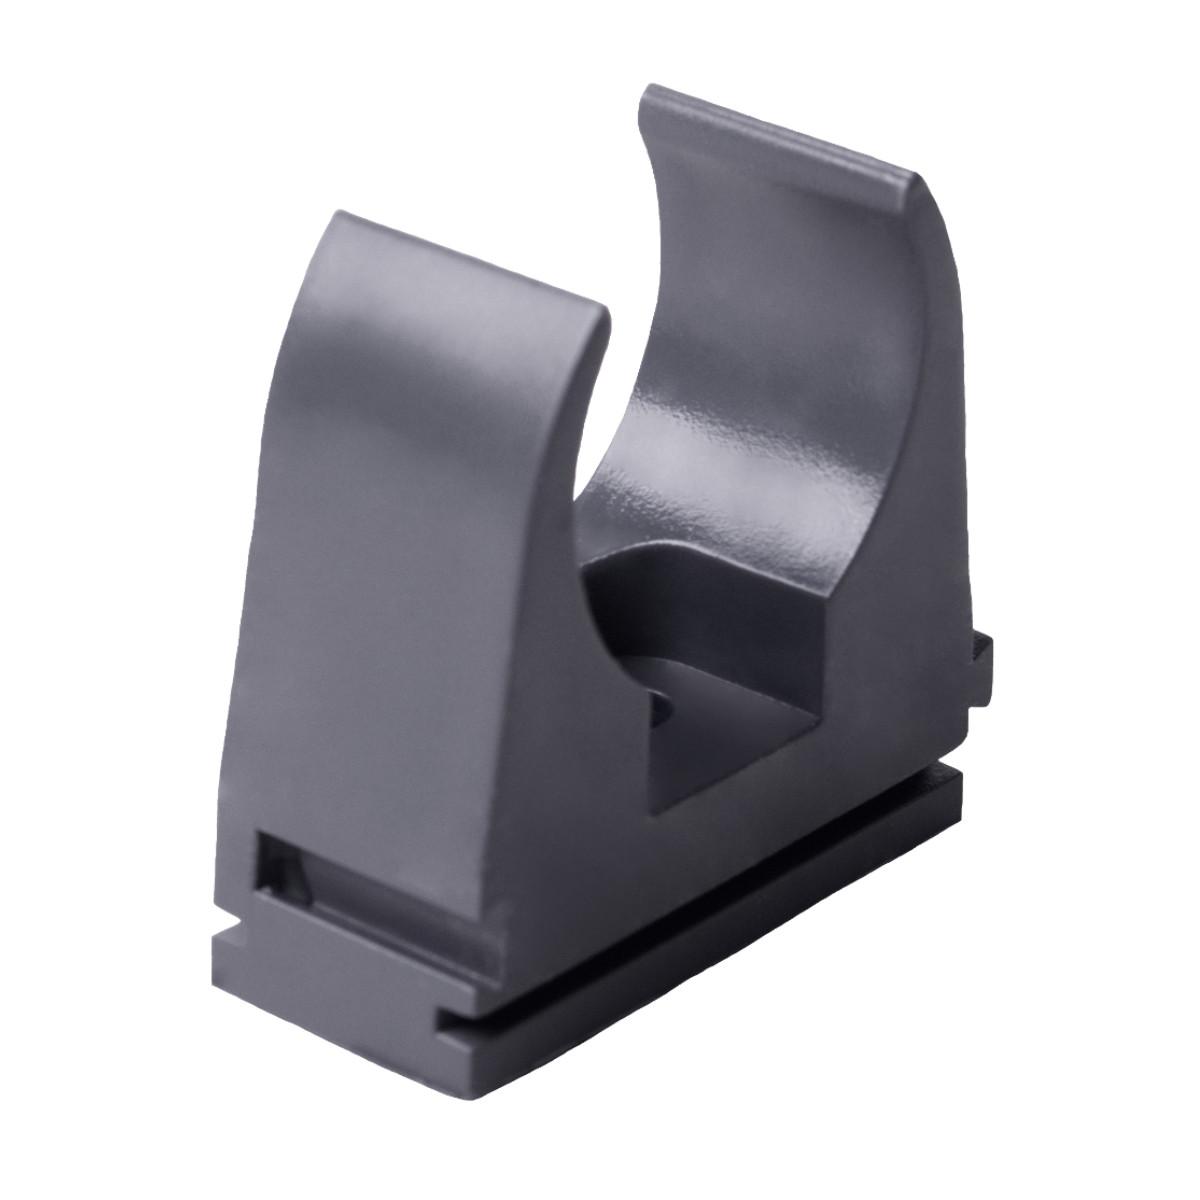 Кріплення труби 16 мм ; Ø16мм; ПВХ;; t застосування -25+60 °с; темно-сіра; Упаковка 10 шт